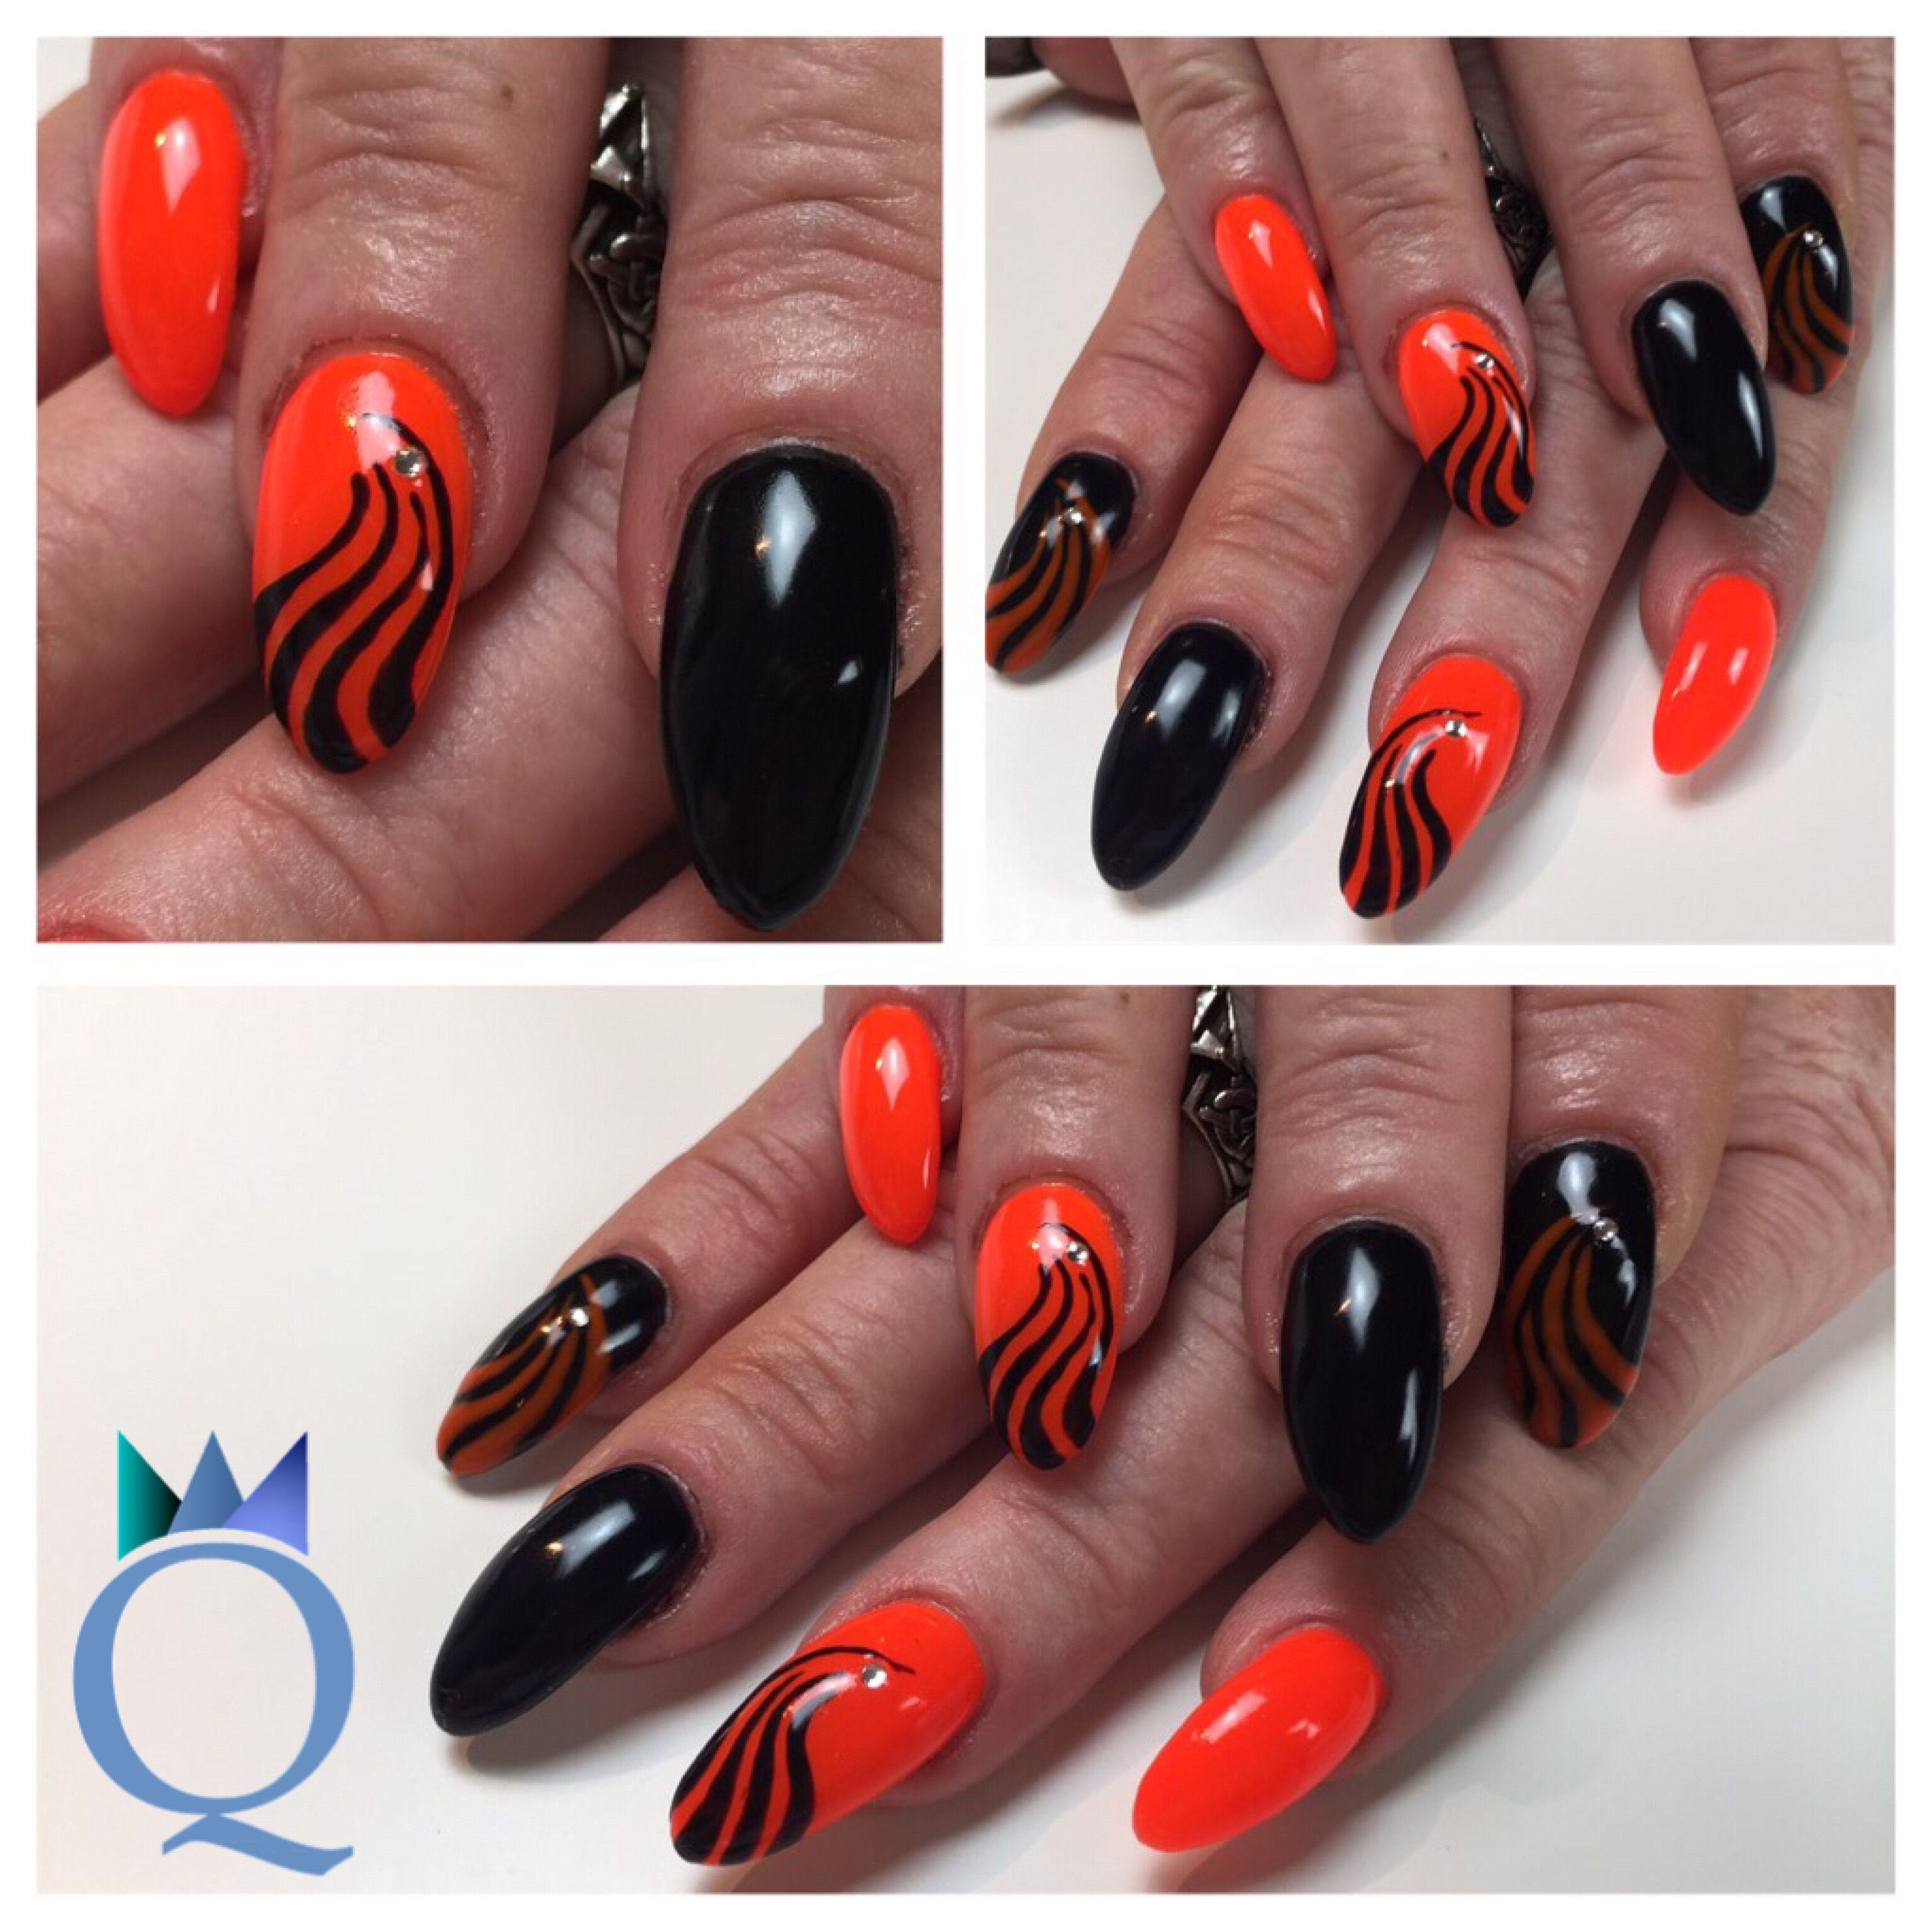 almondnails #gelnails #nails #neonorange #black #handpainted ...